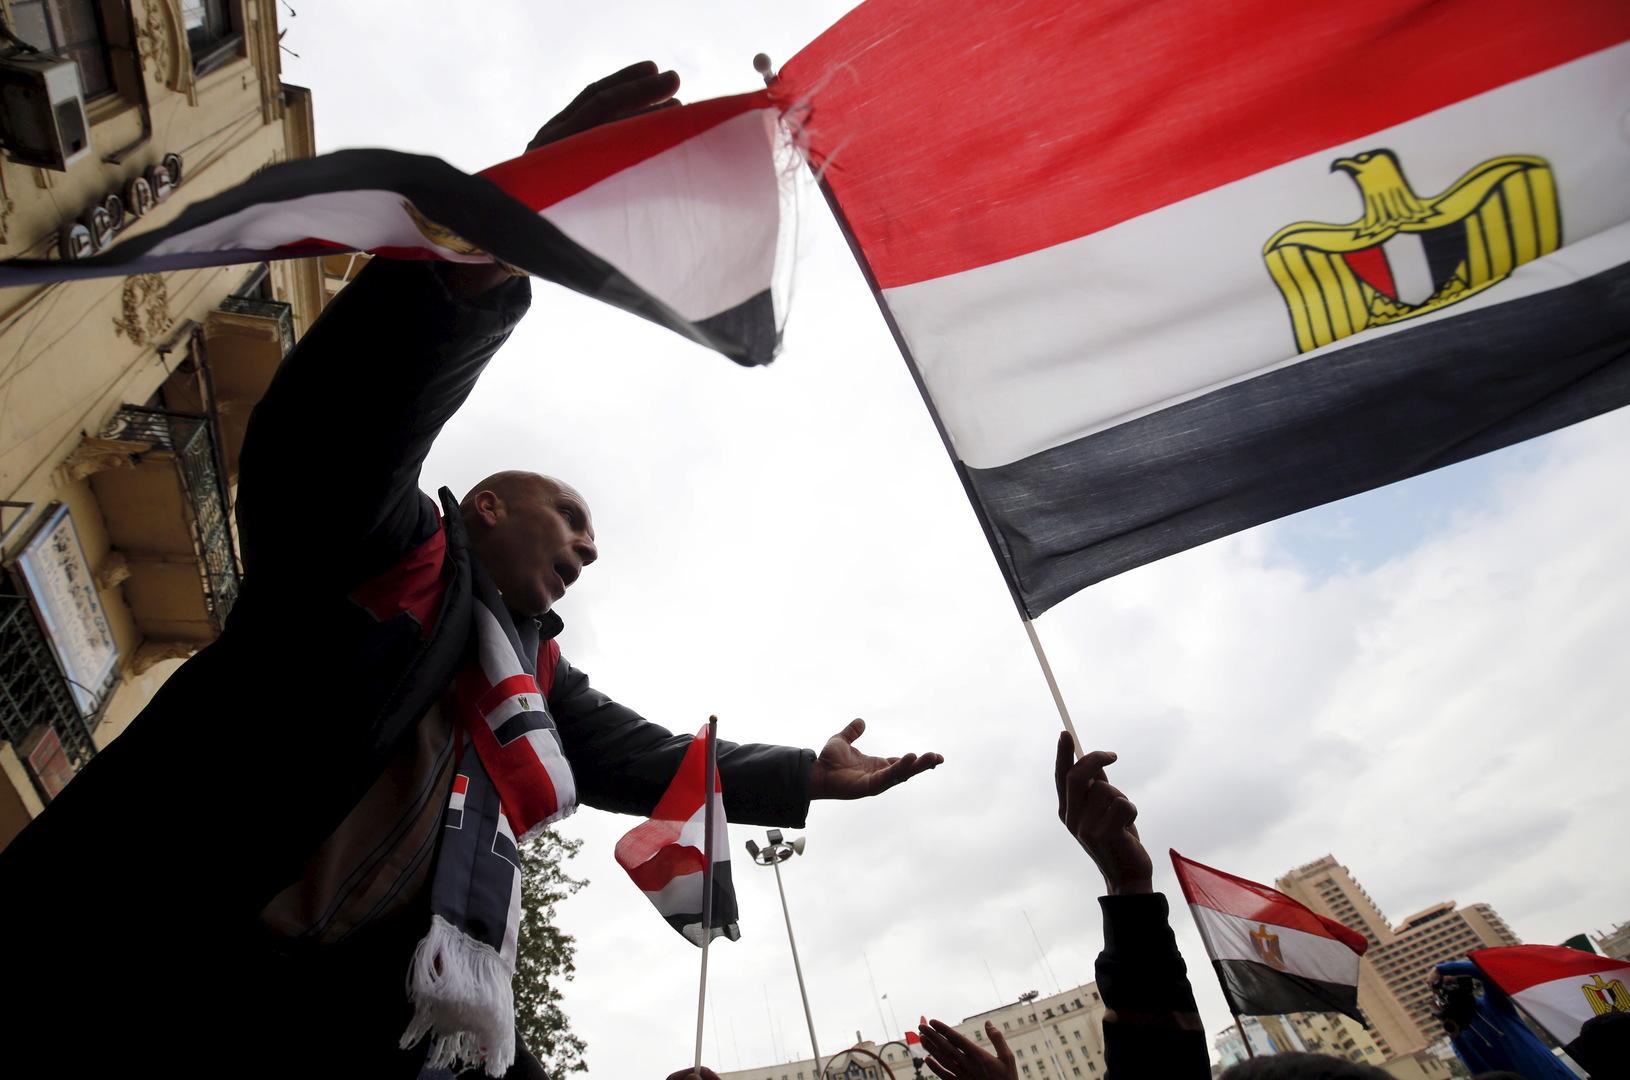 مصر.. صور دعائية على الجدران تسبب غضبا كبيرا